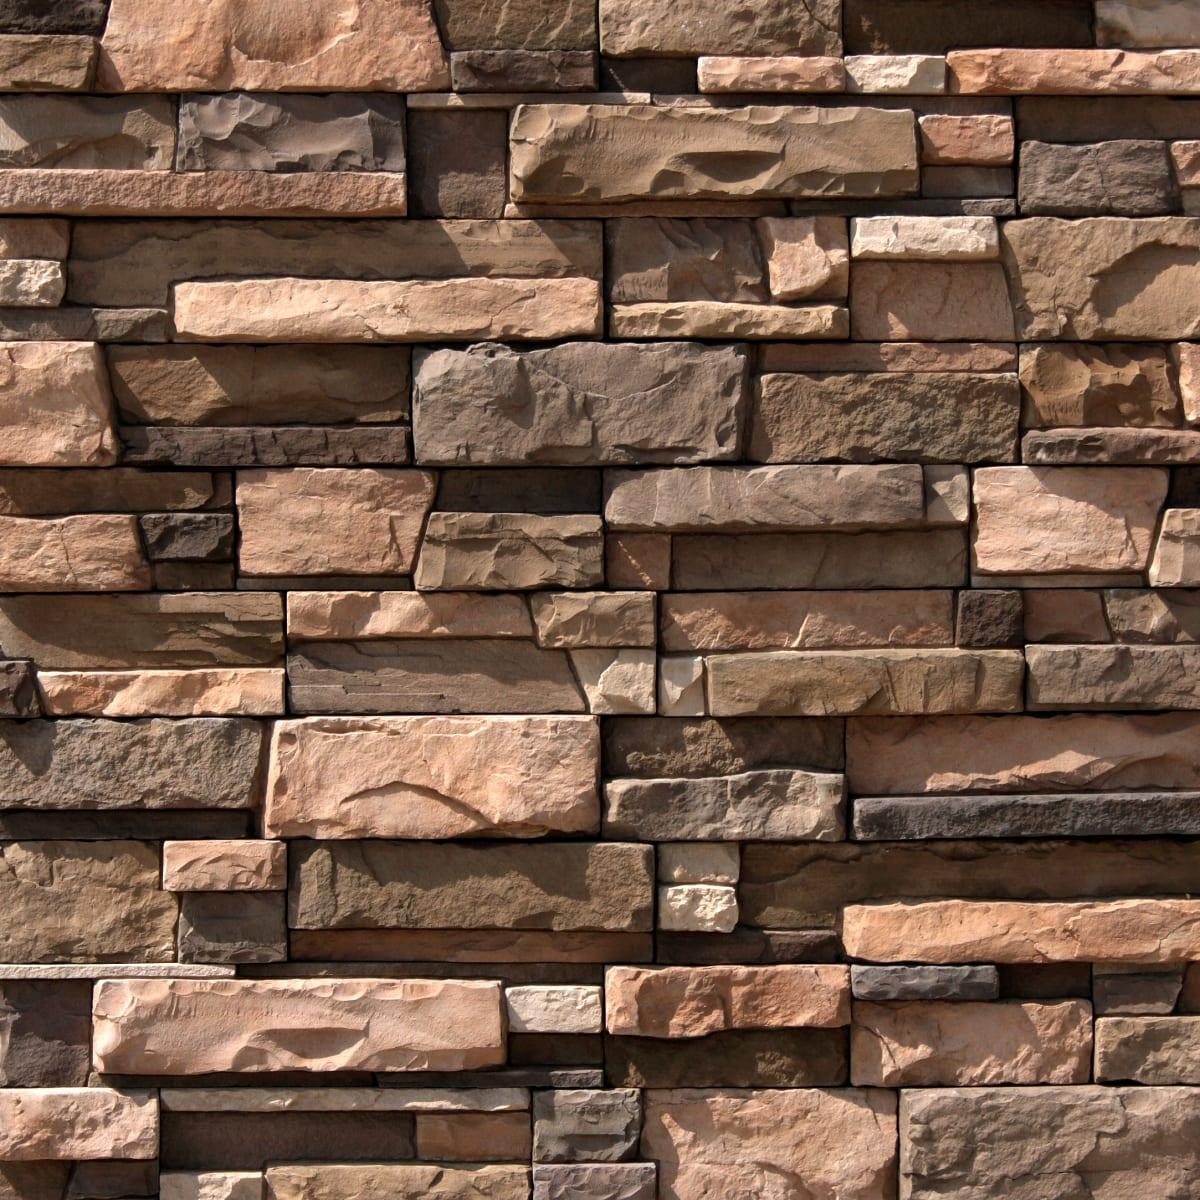 Плитка декоративная Уайт Клиффс, цвет сиреневый, 0.4 м²